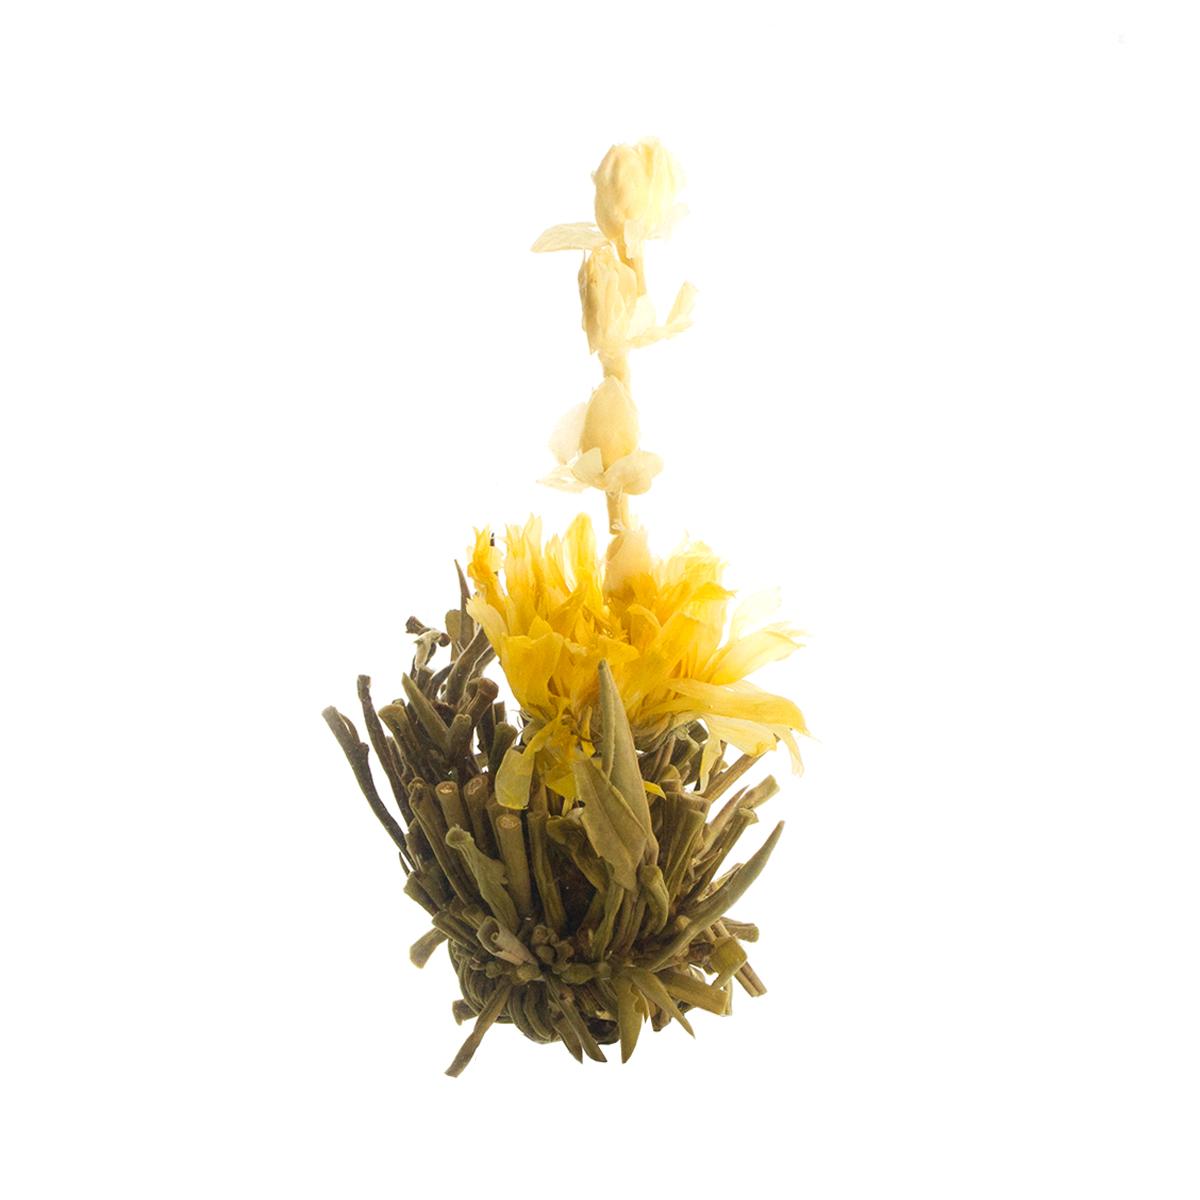 Связанный чай Чху Шуй Фу Жонг (Цветущий лотос), упаковка 5 шт от 101 Чай